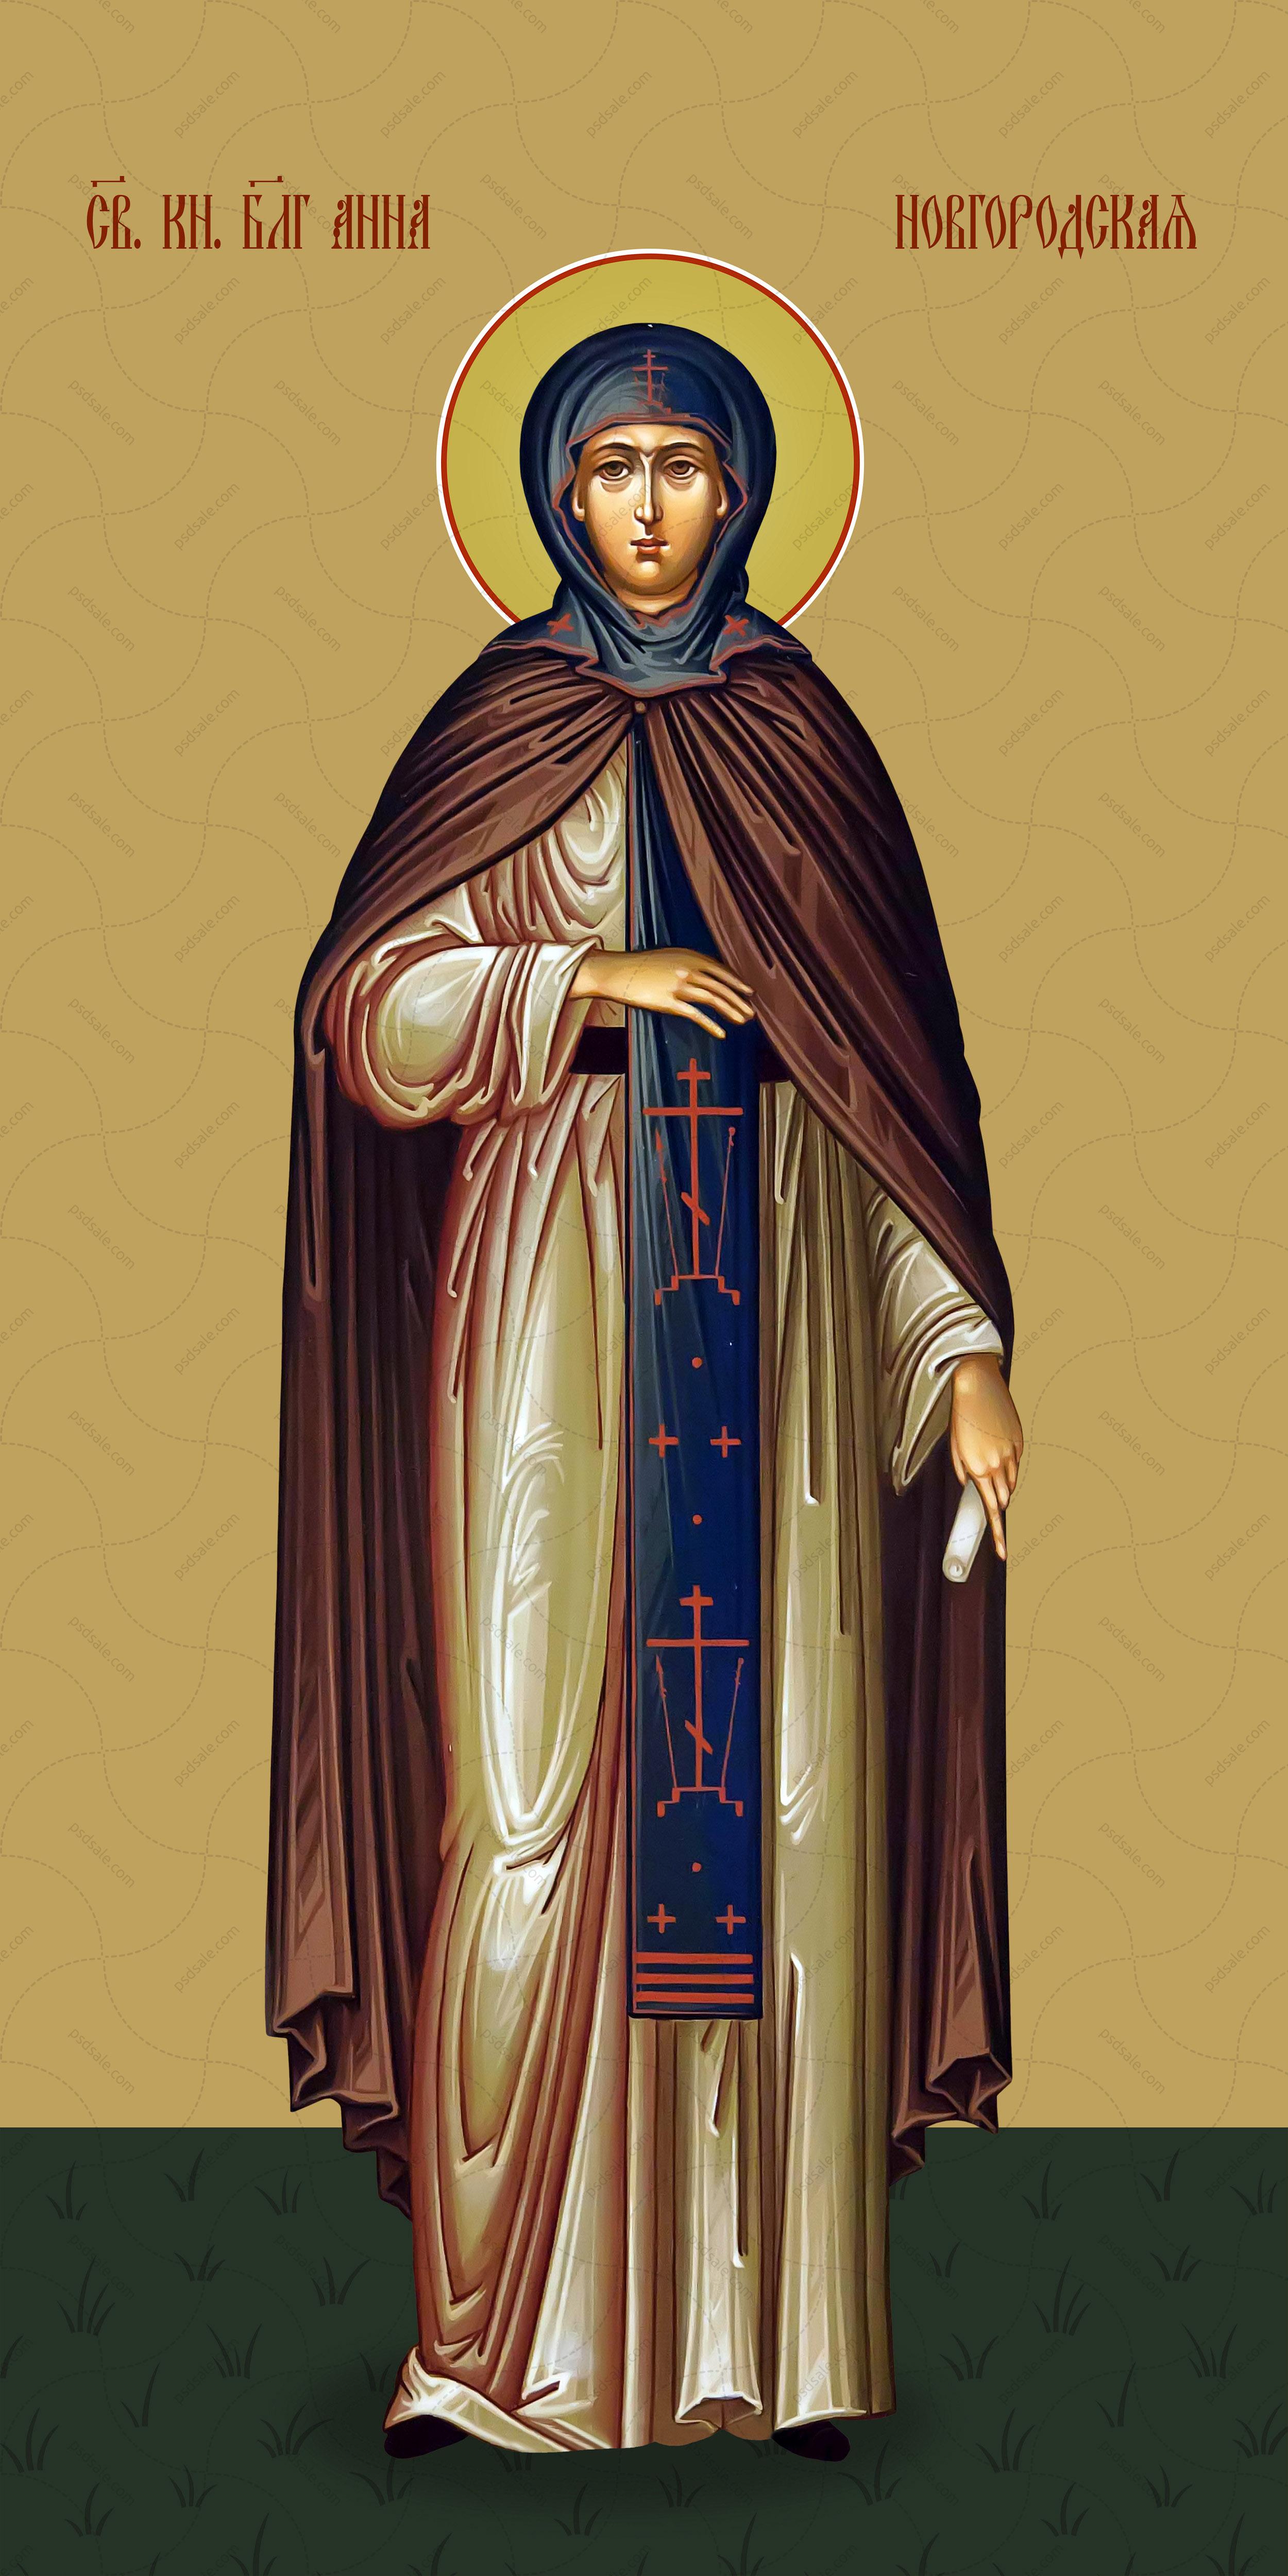 Мерная икона, Анна Новгородская, свяатя княжна